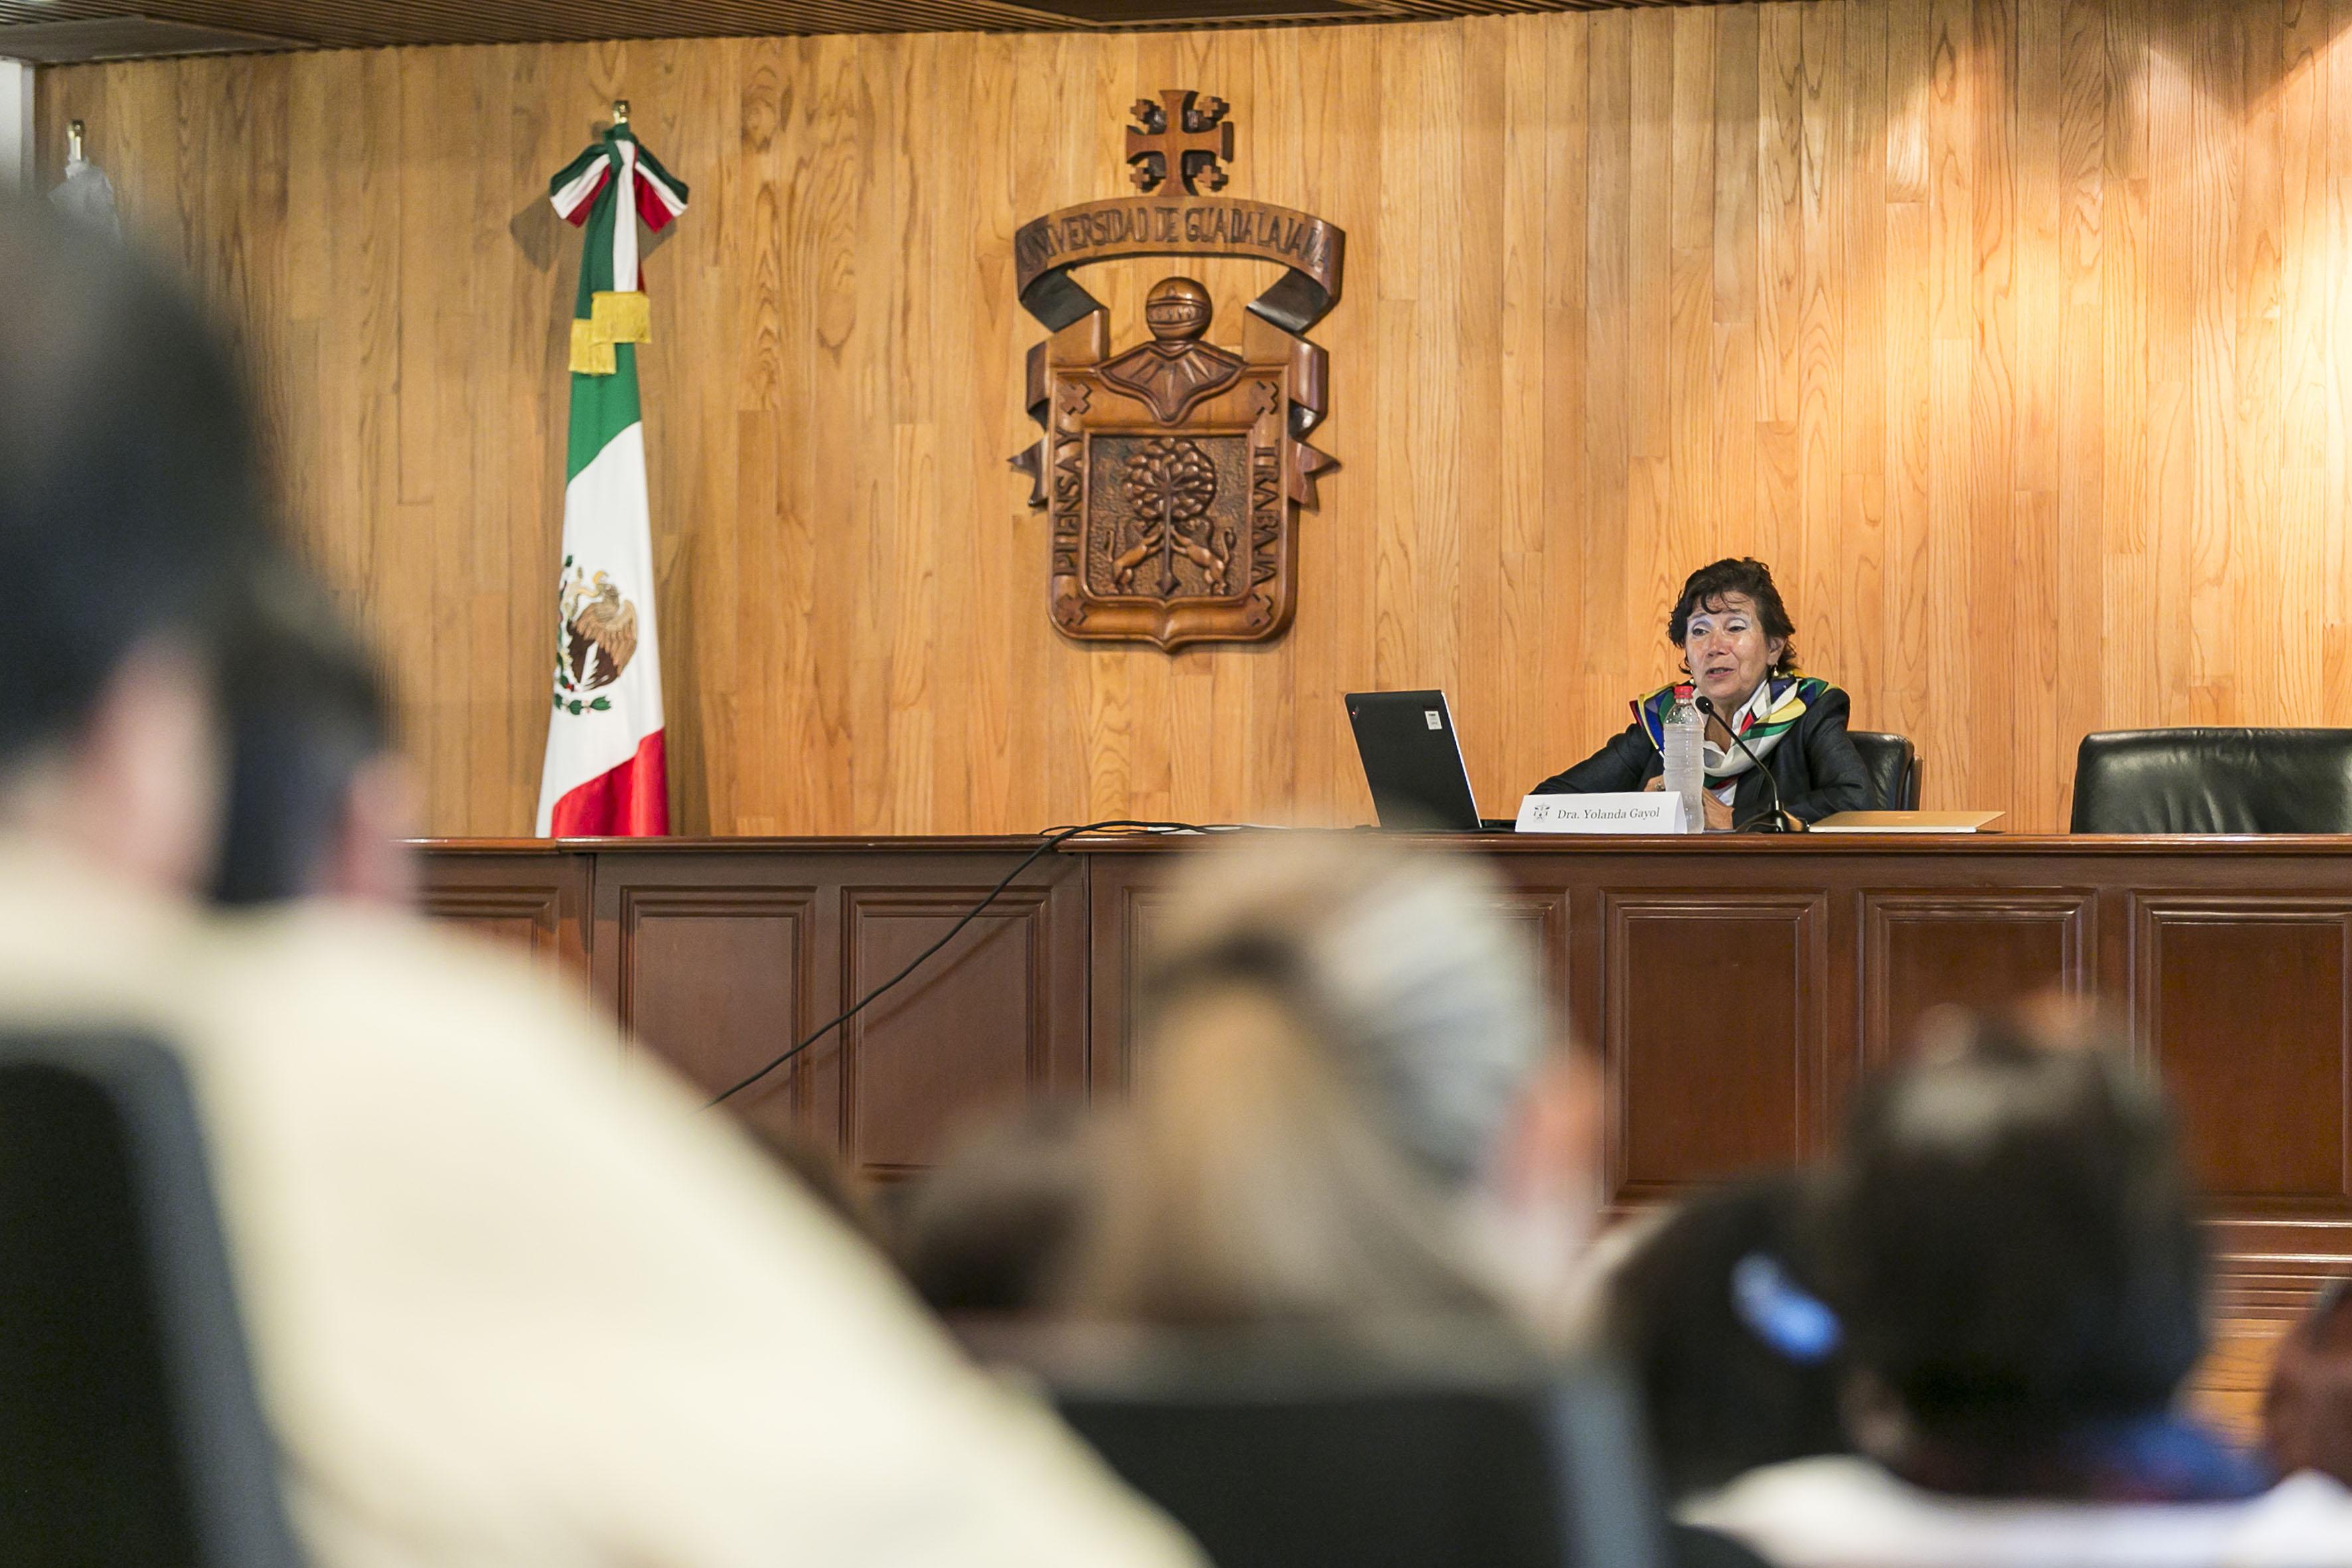 Dra. Yolanda Isabel Gayol Ramírez, de la Universidad Estatal de Pensilvania, durante la conferencia a profesores del Sistema de Educación Media Superior (SEMS), de la Universidad de Guadalajara (UdeG).